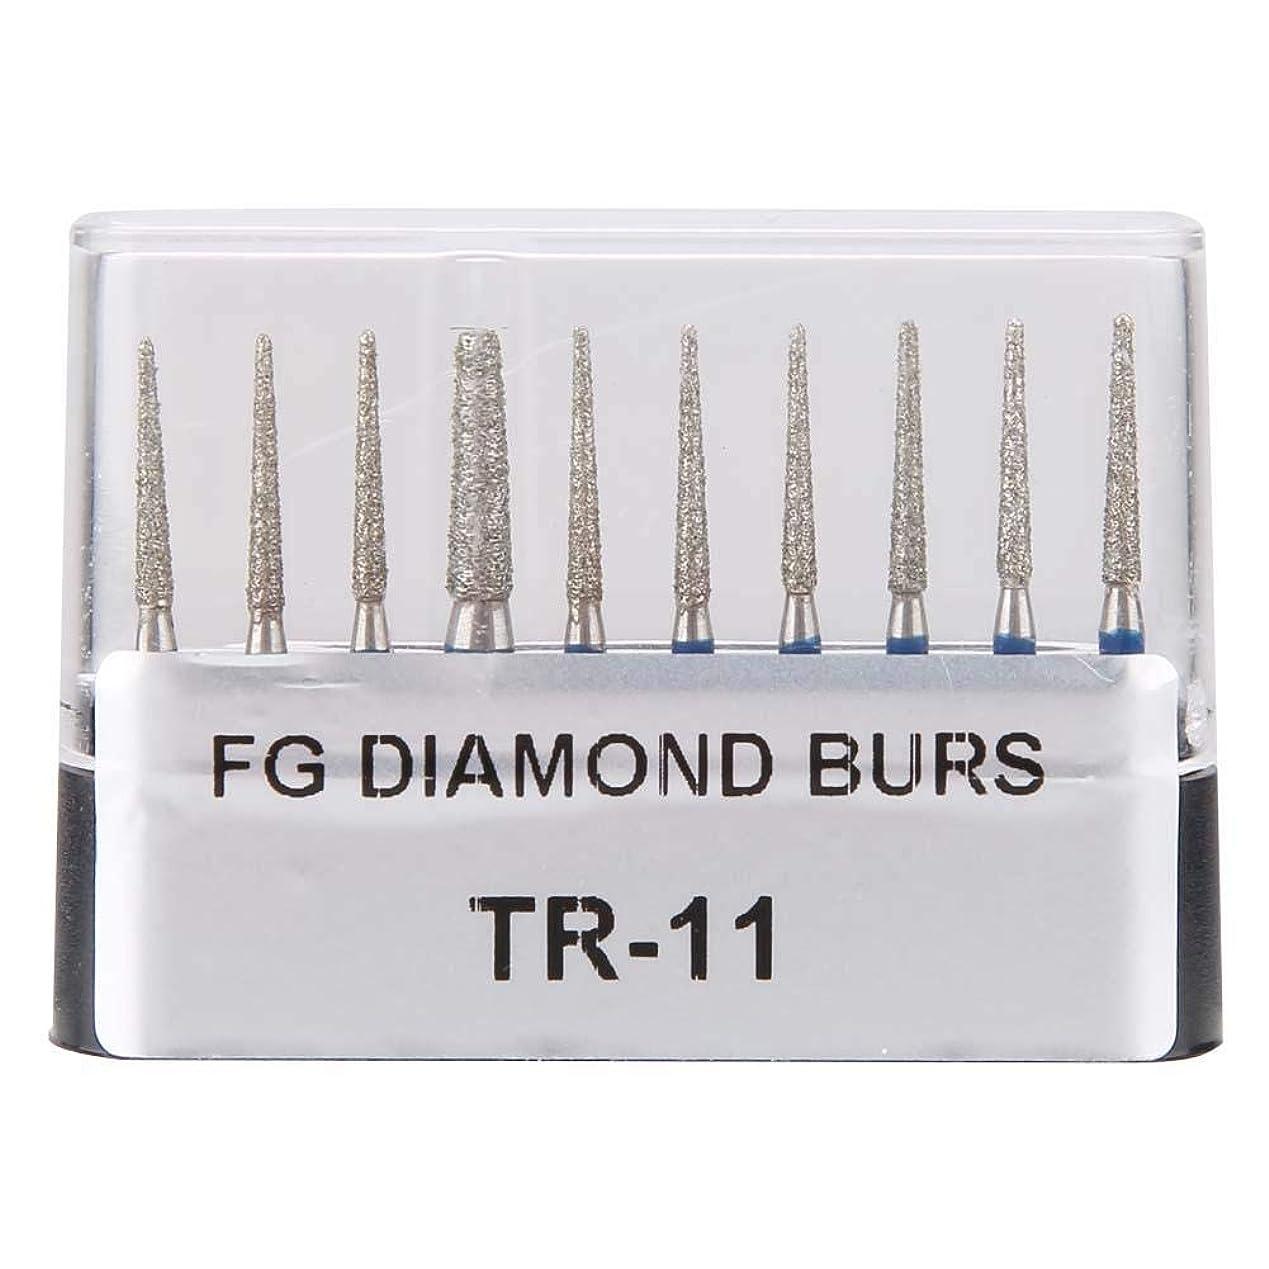 ドラム醜い心からTR-11 10pcs / set FG 1.6mm高速歯科用ダイヤモンドバー歯科医用ツール用歯磨き療法